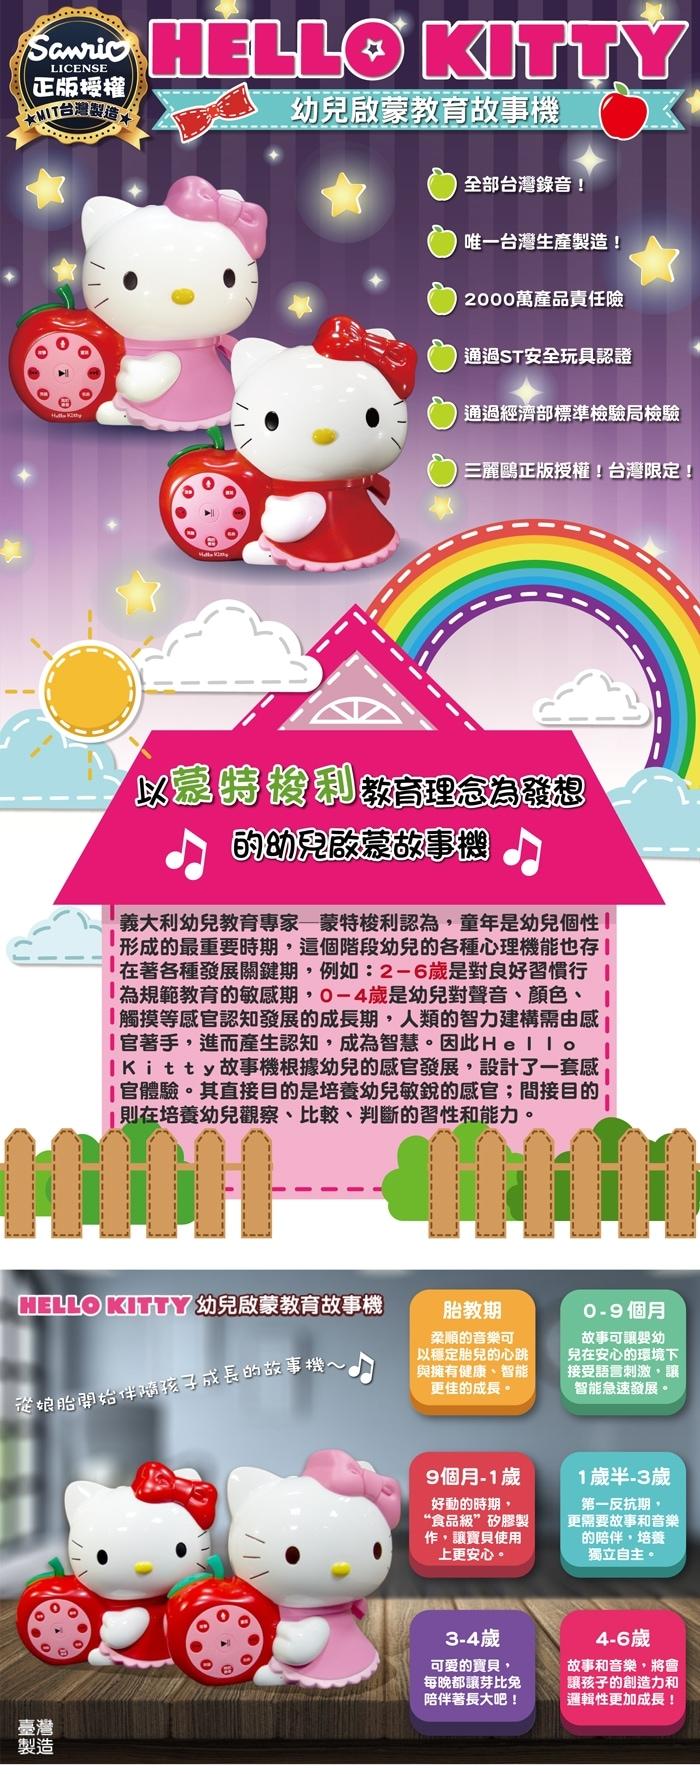 【特賣】凱蒂貓故事機(粉紅)+凱蒂貓音樂故事棒